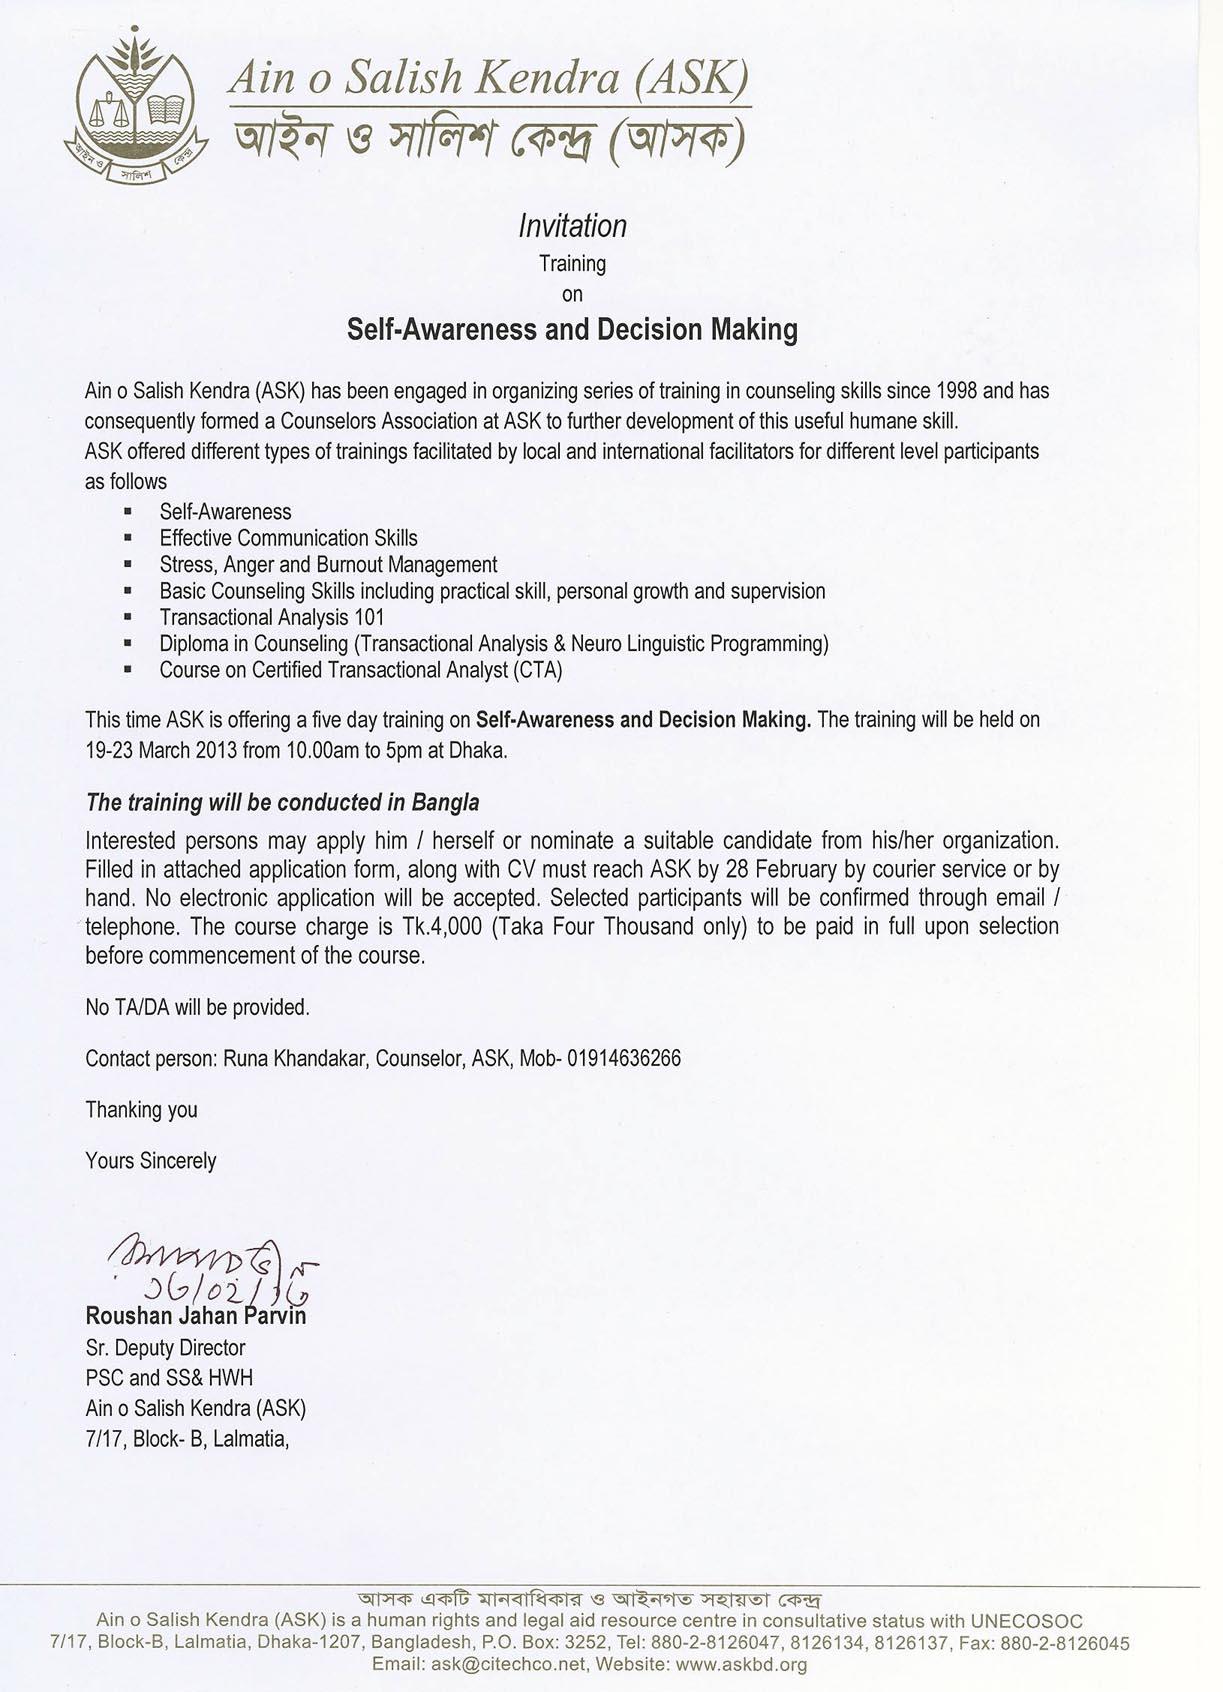 cover letter for ain nursing - sample invitation letter for training course invitation